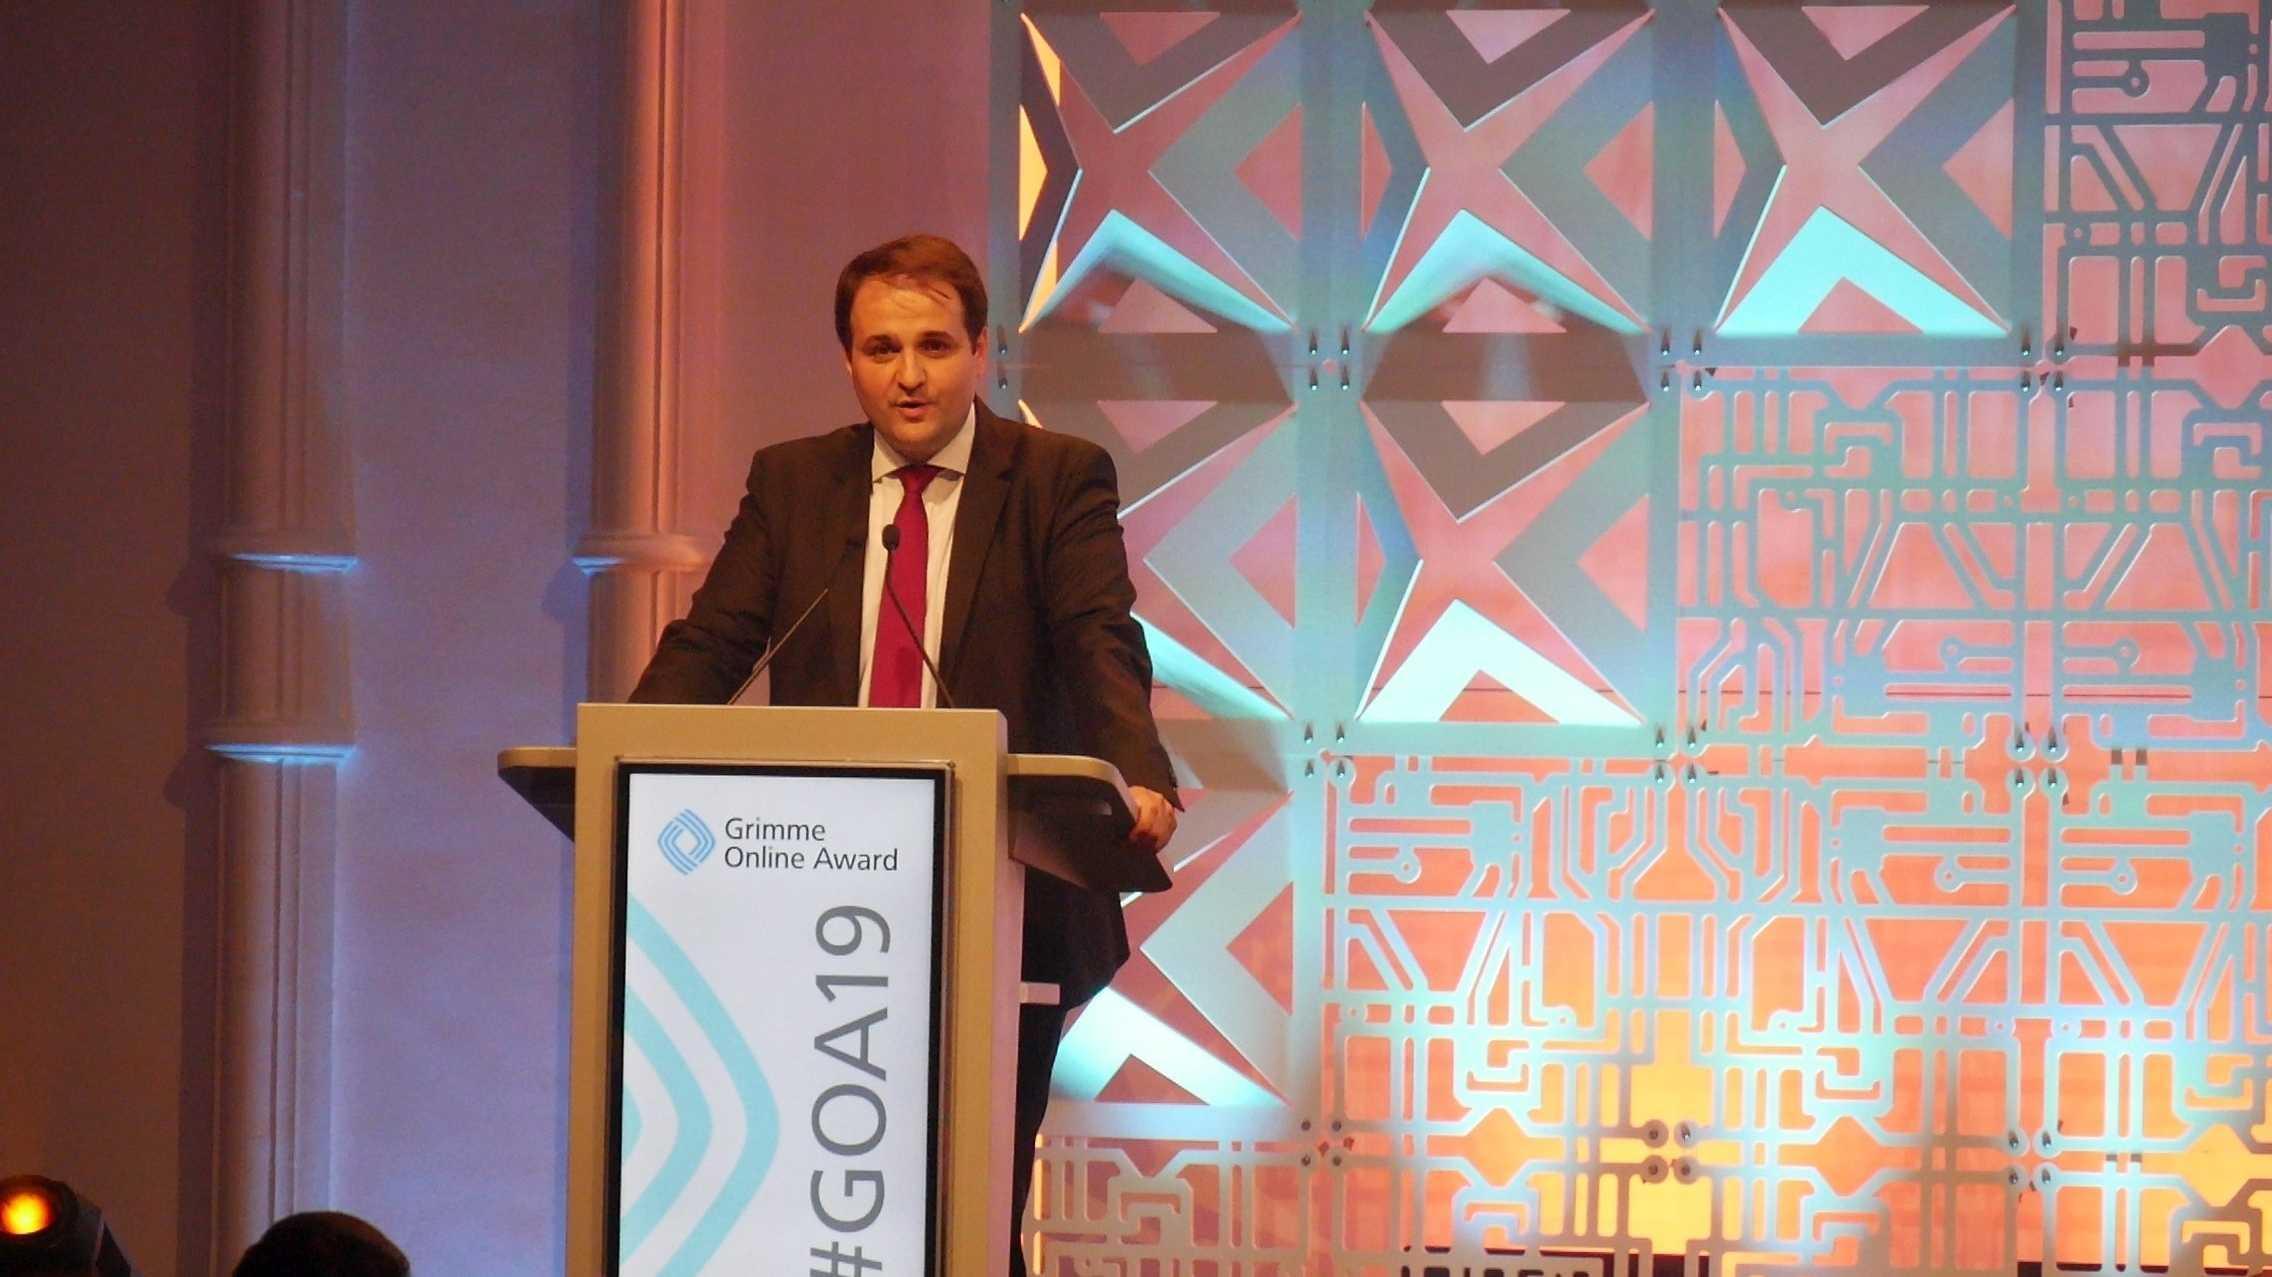 Grimme Online Award für Correctiv und Techniktagebuch